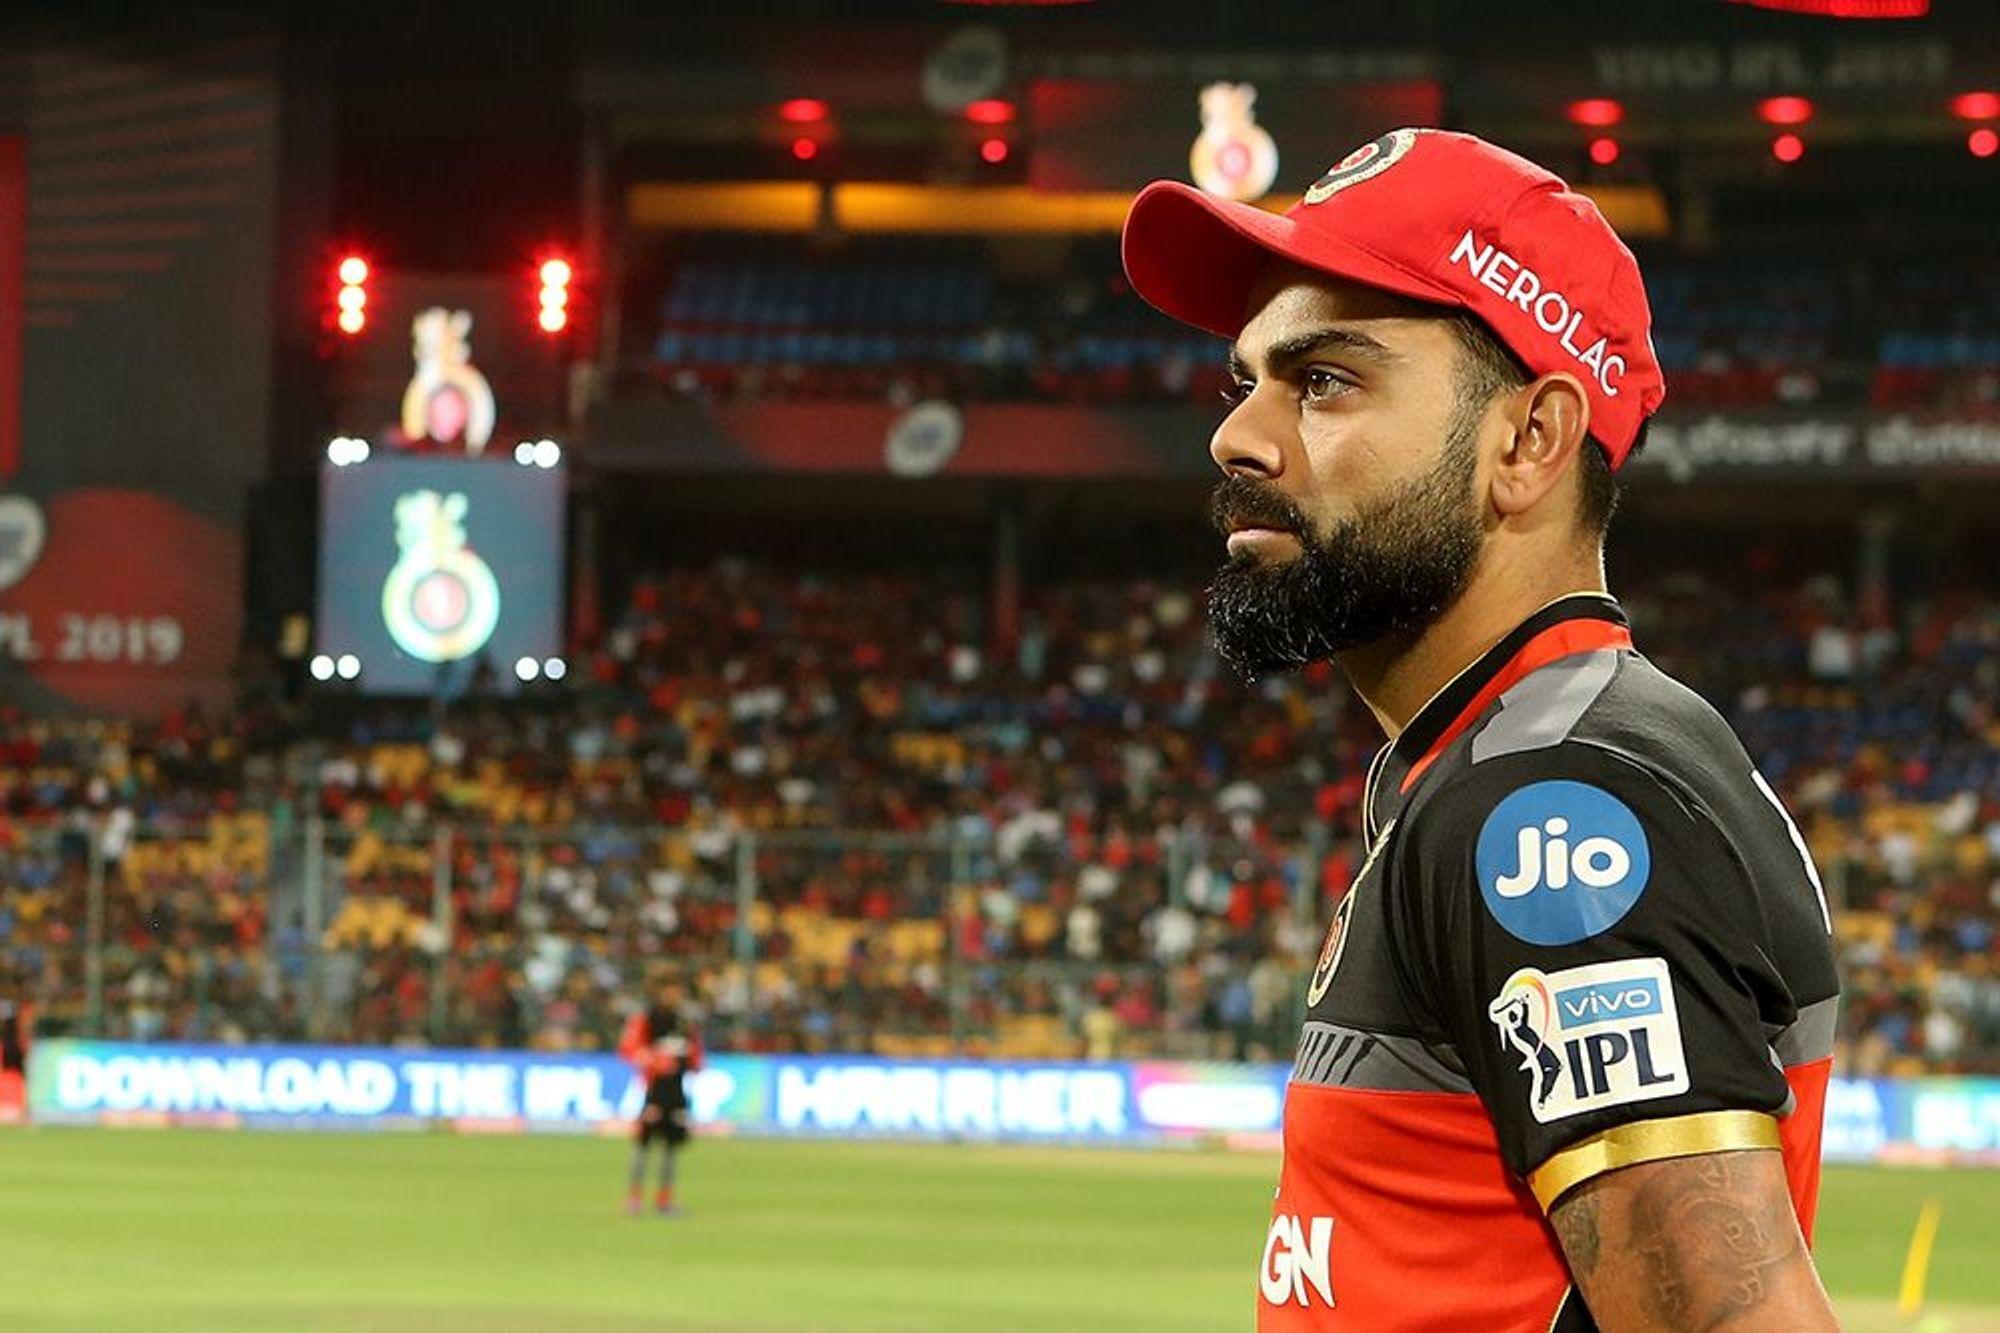 आईपीएल 2019: लगातार 3 मैच हारने के बाद विराट कोहली के लिए आई खुशखबरी, चौथा मैच जीतना है तय! 17